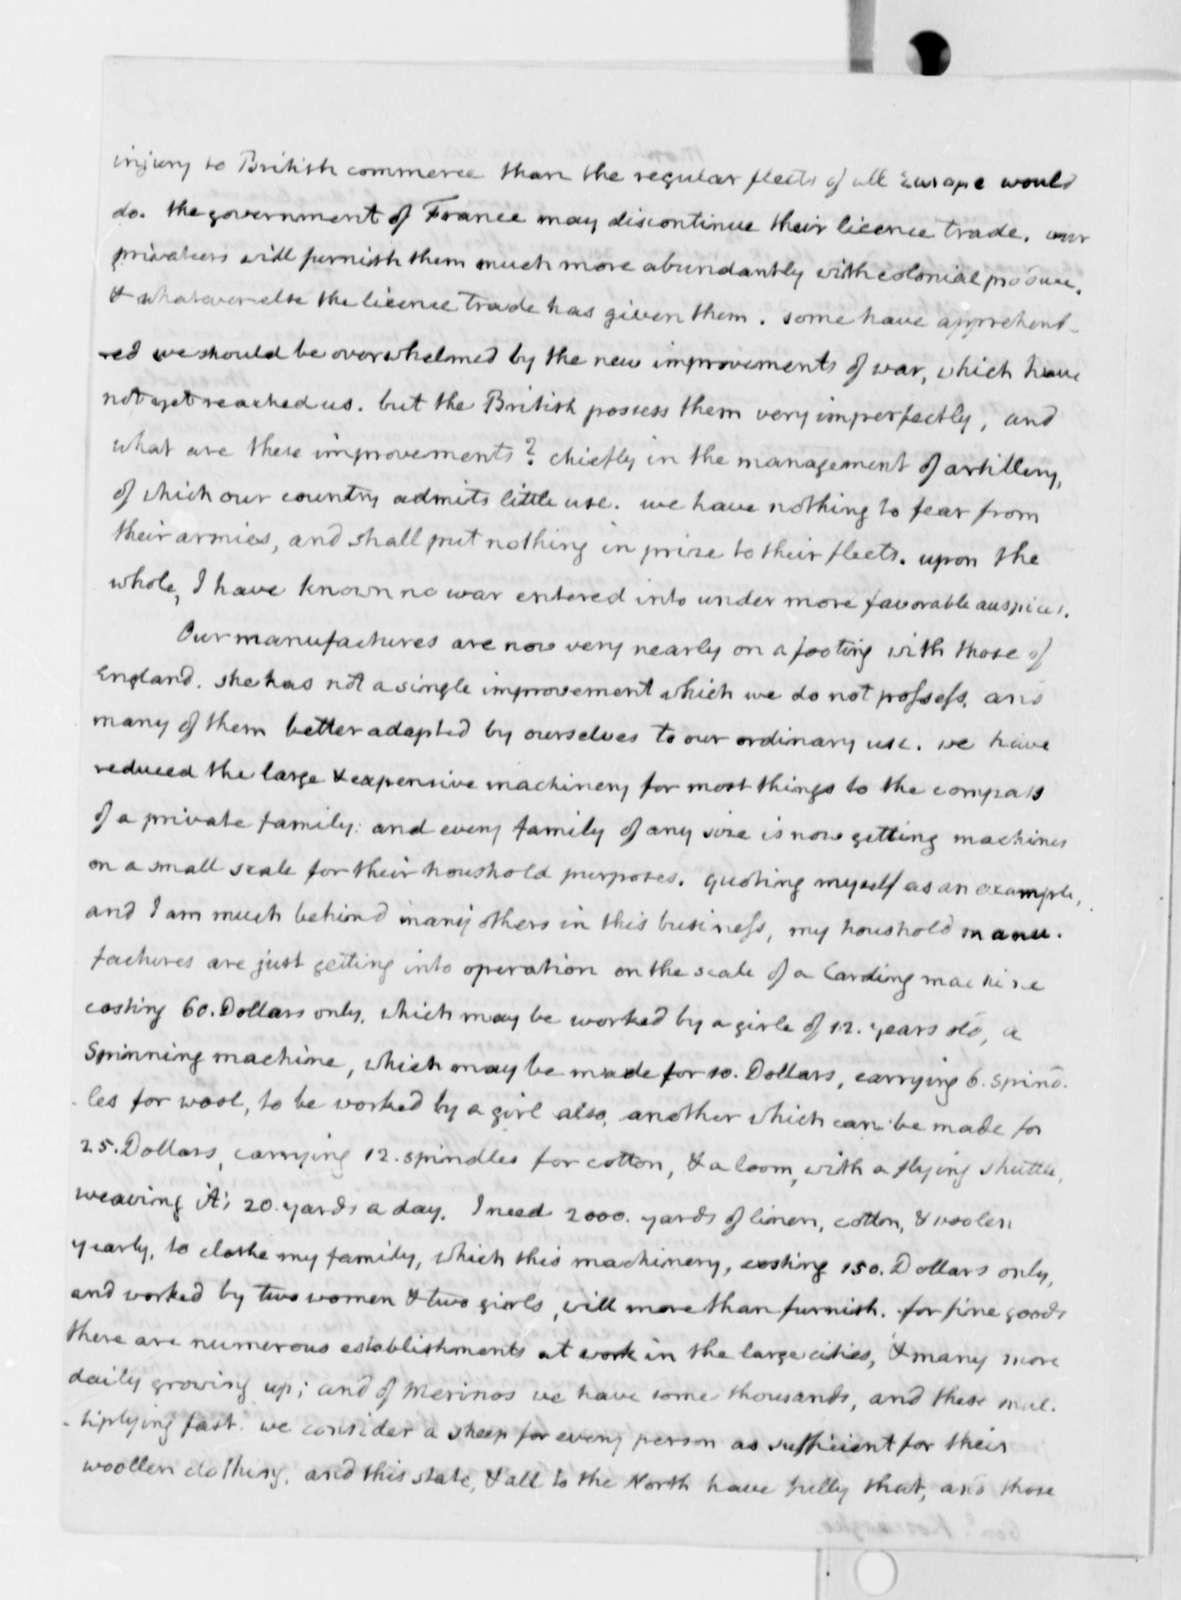 Thomas Jefferson to Thaddeus Kosciuszko, June 28, 1812